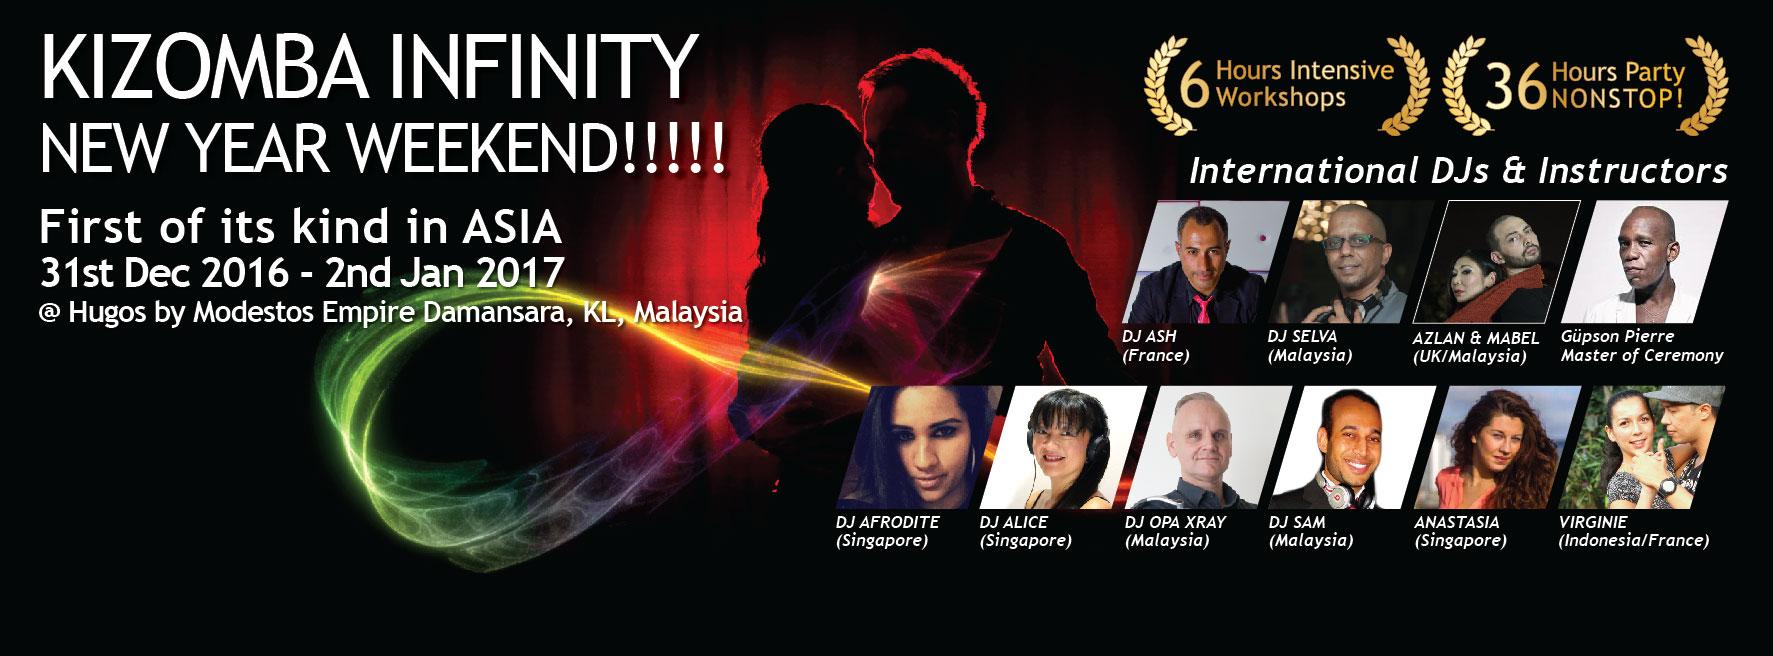 Kizomba Infinity Kuala Lumpur